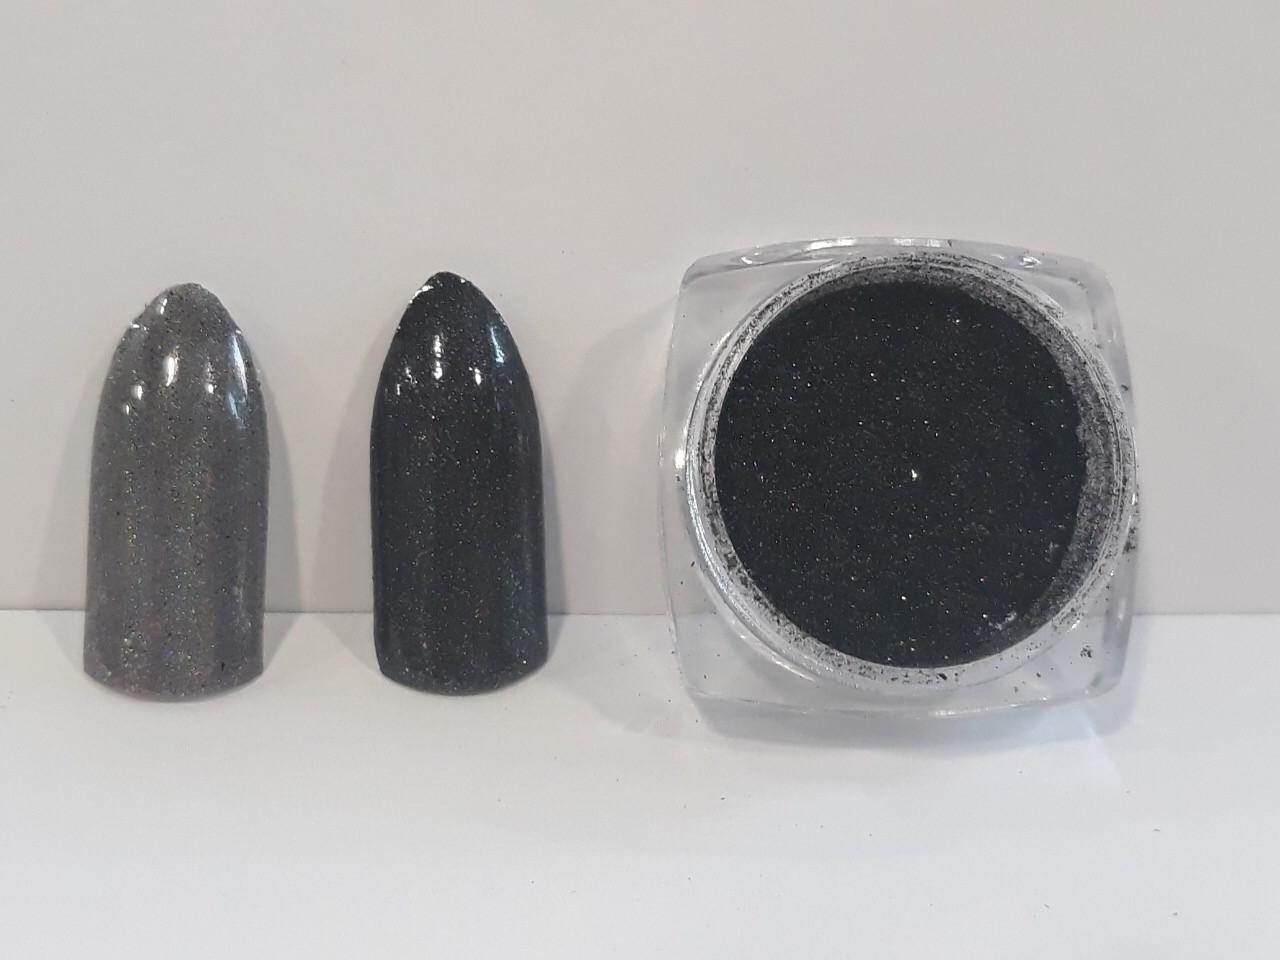 Новинка! Втирка для дизайна ногтей с микроблестками(черный)